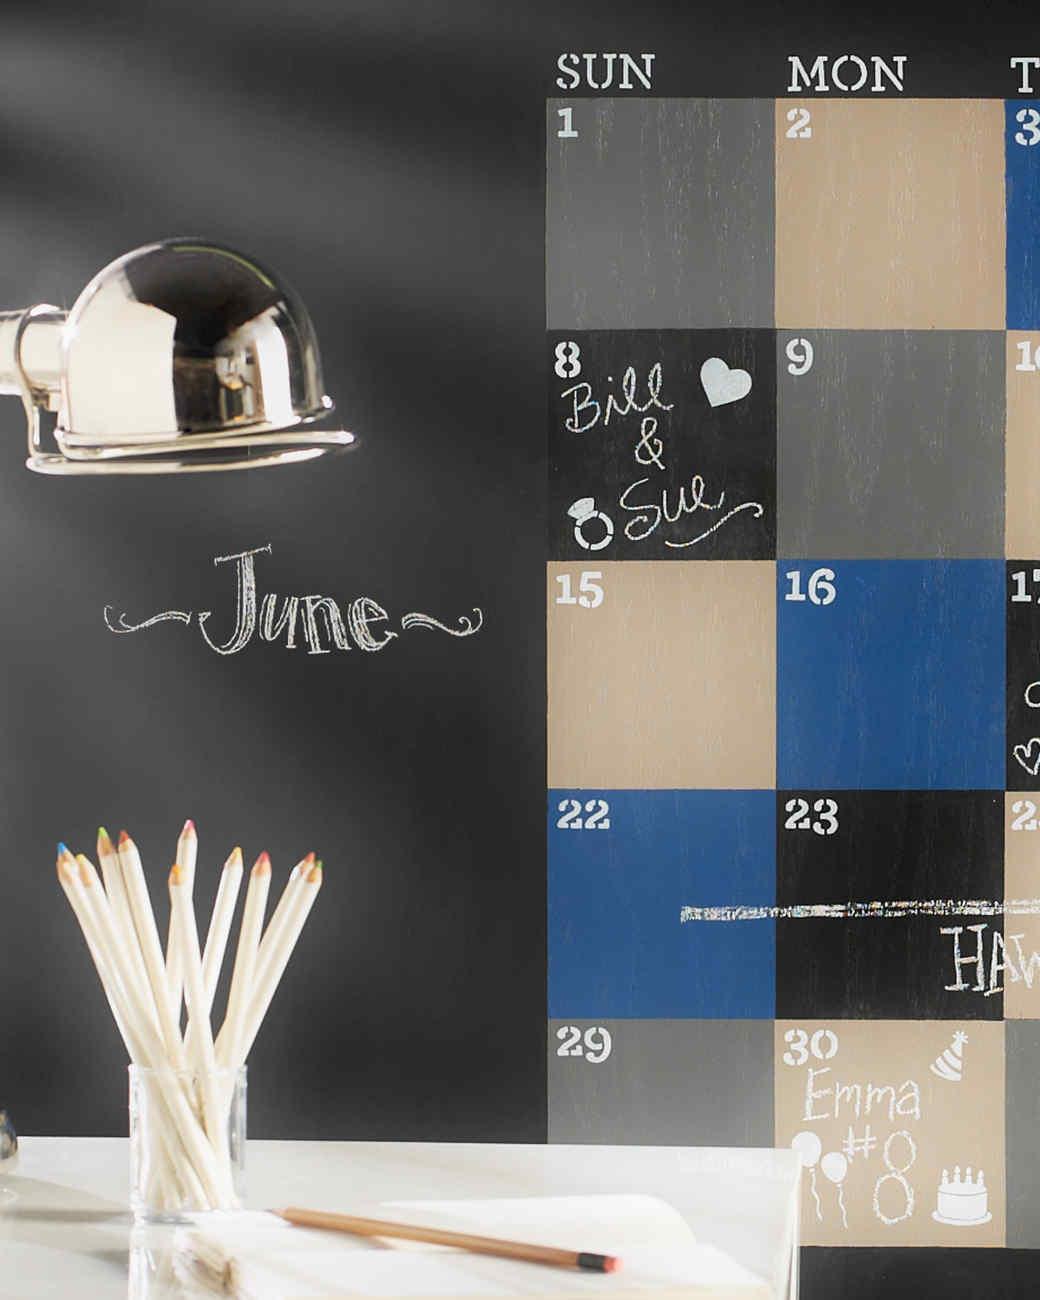 mscrafts-chalkboard-calendar-mrkt-0714.jpg